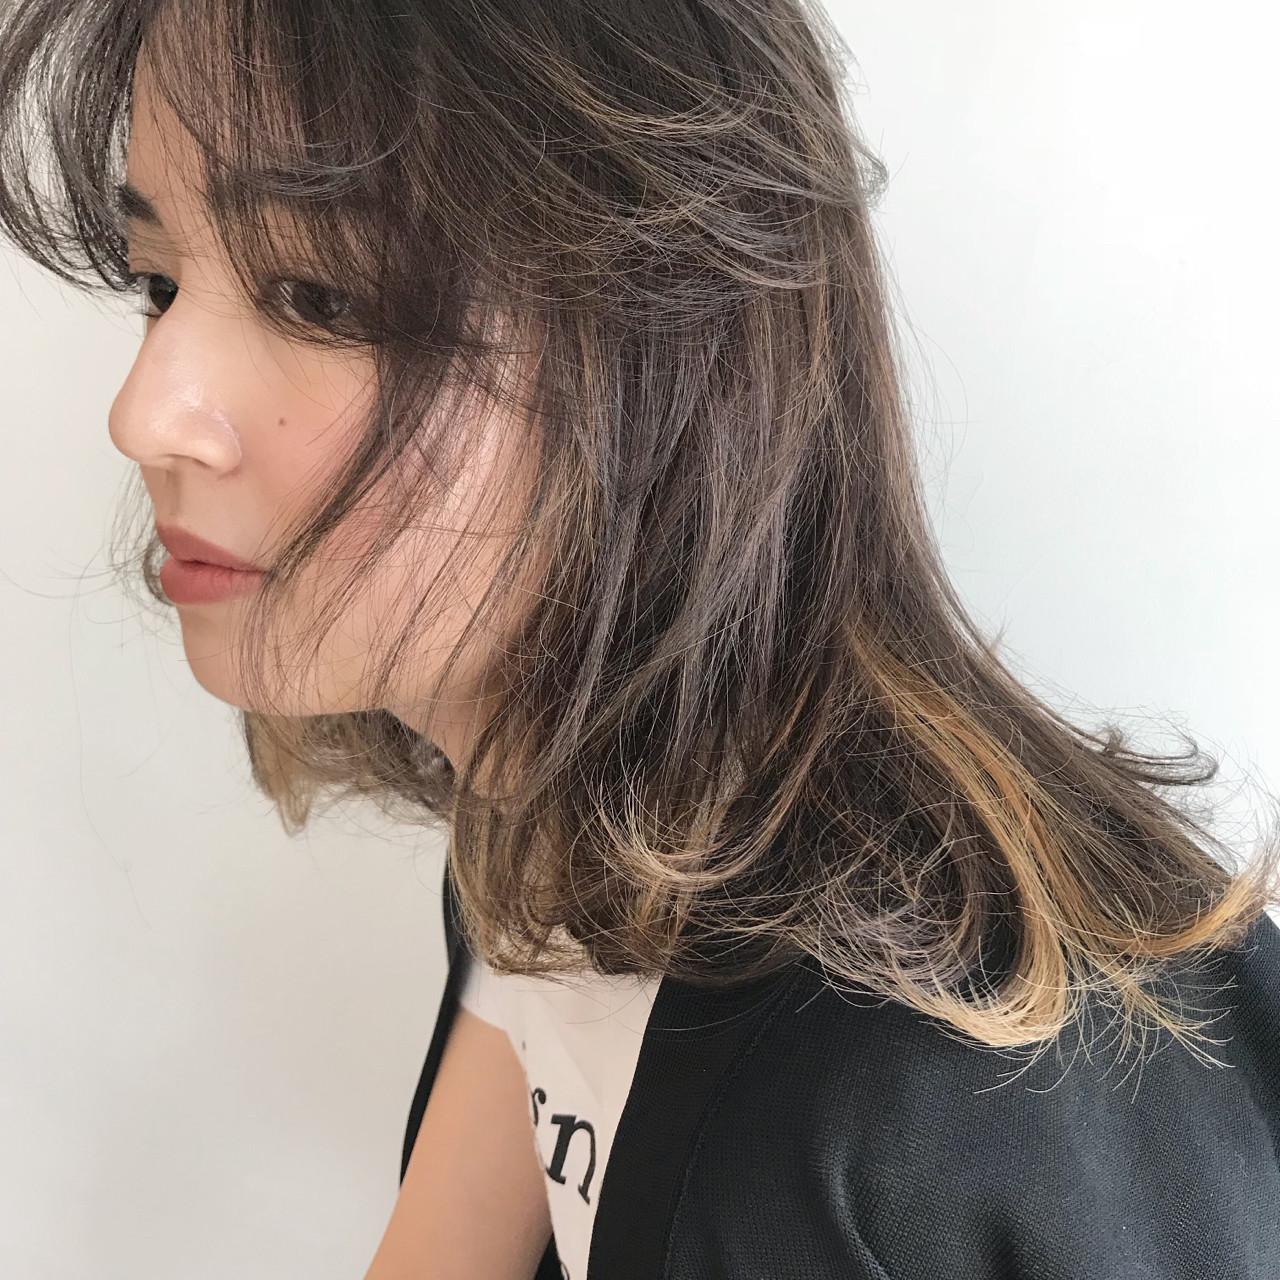 抜け感 ナチュラル 透明感 前髪あり ヘアスタイルや髪型の写真・画像